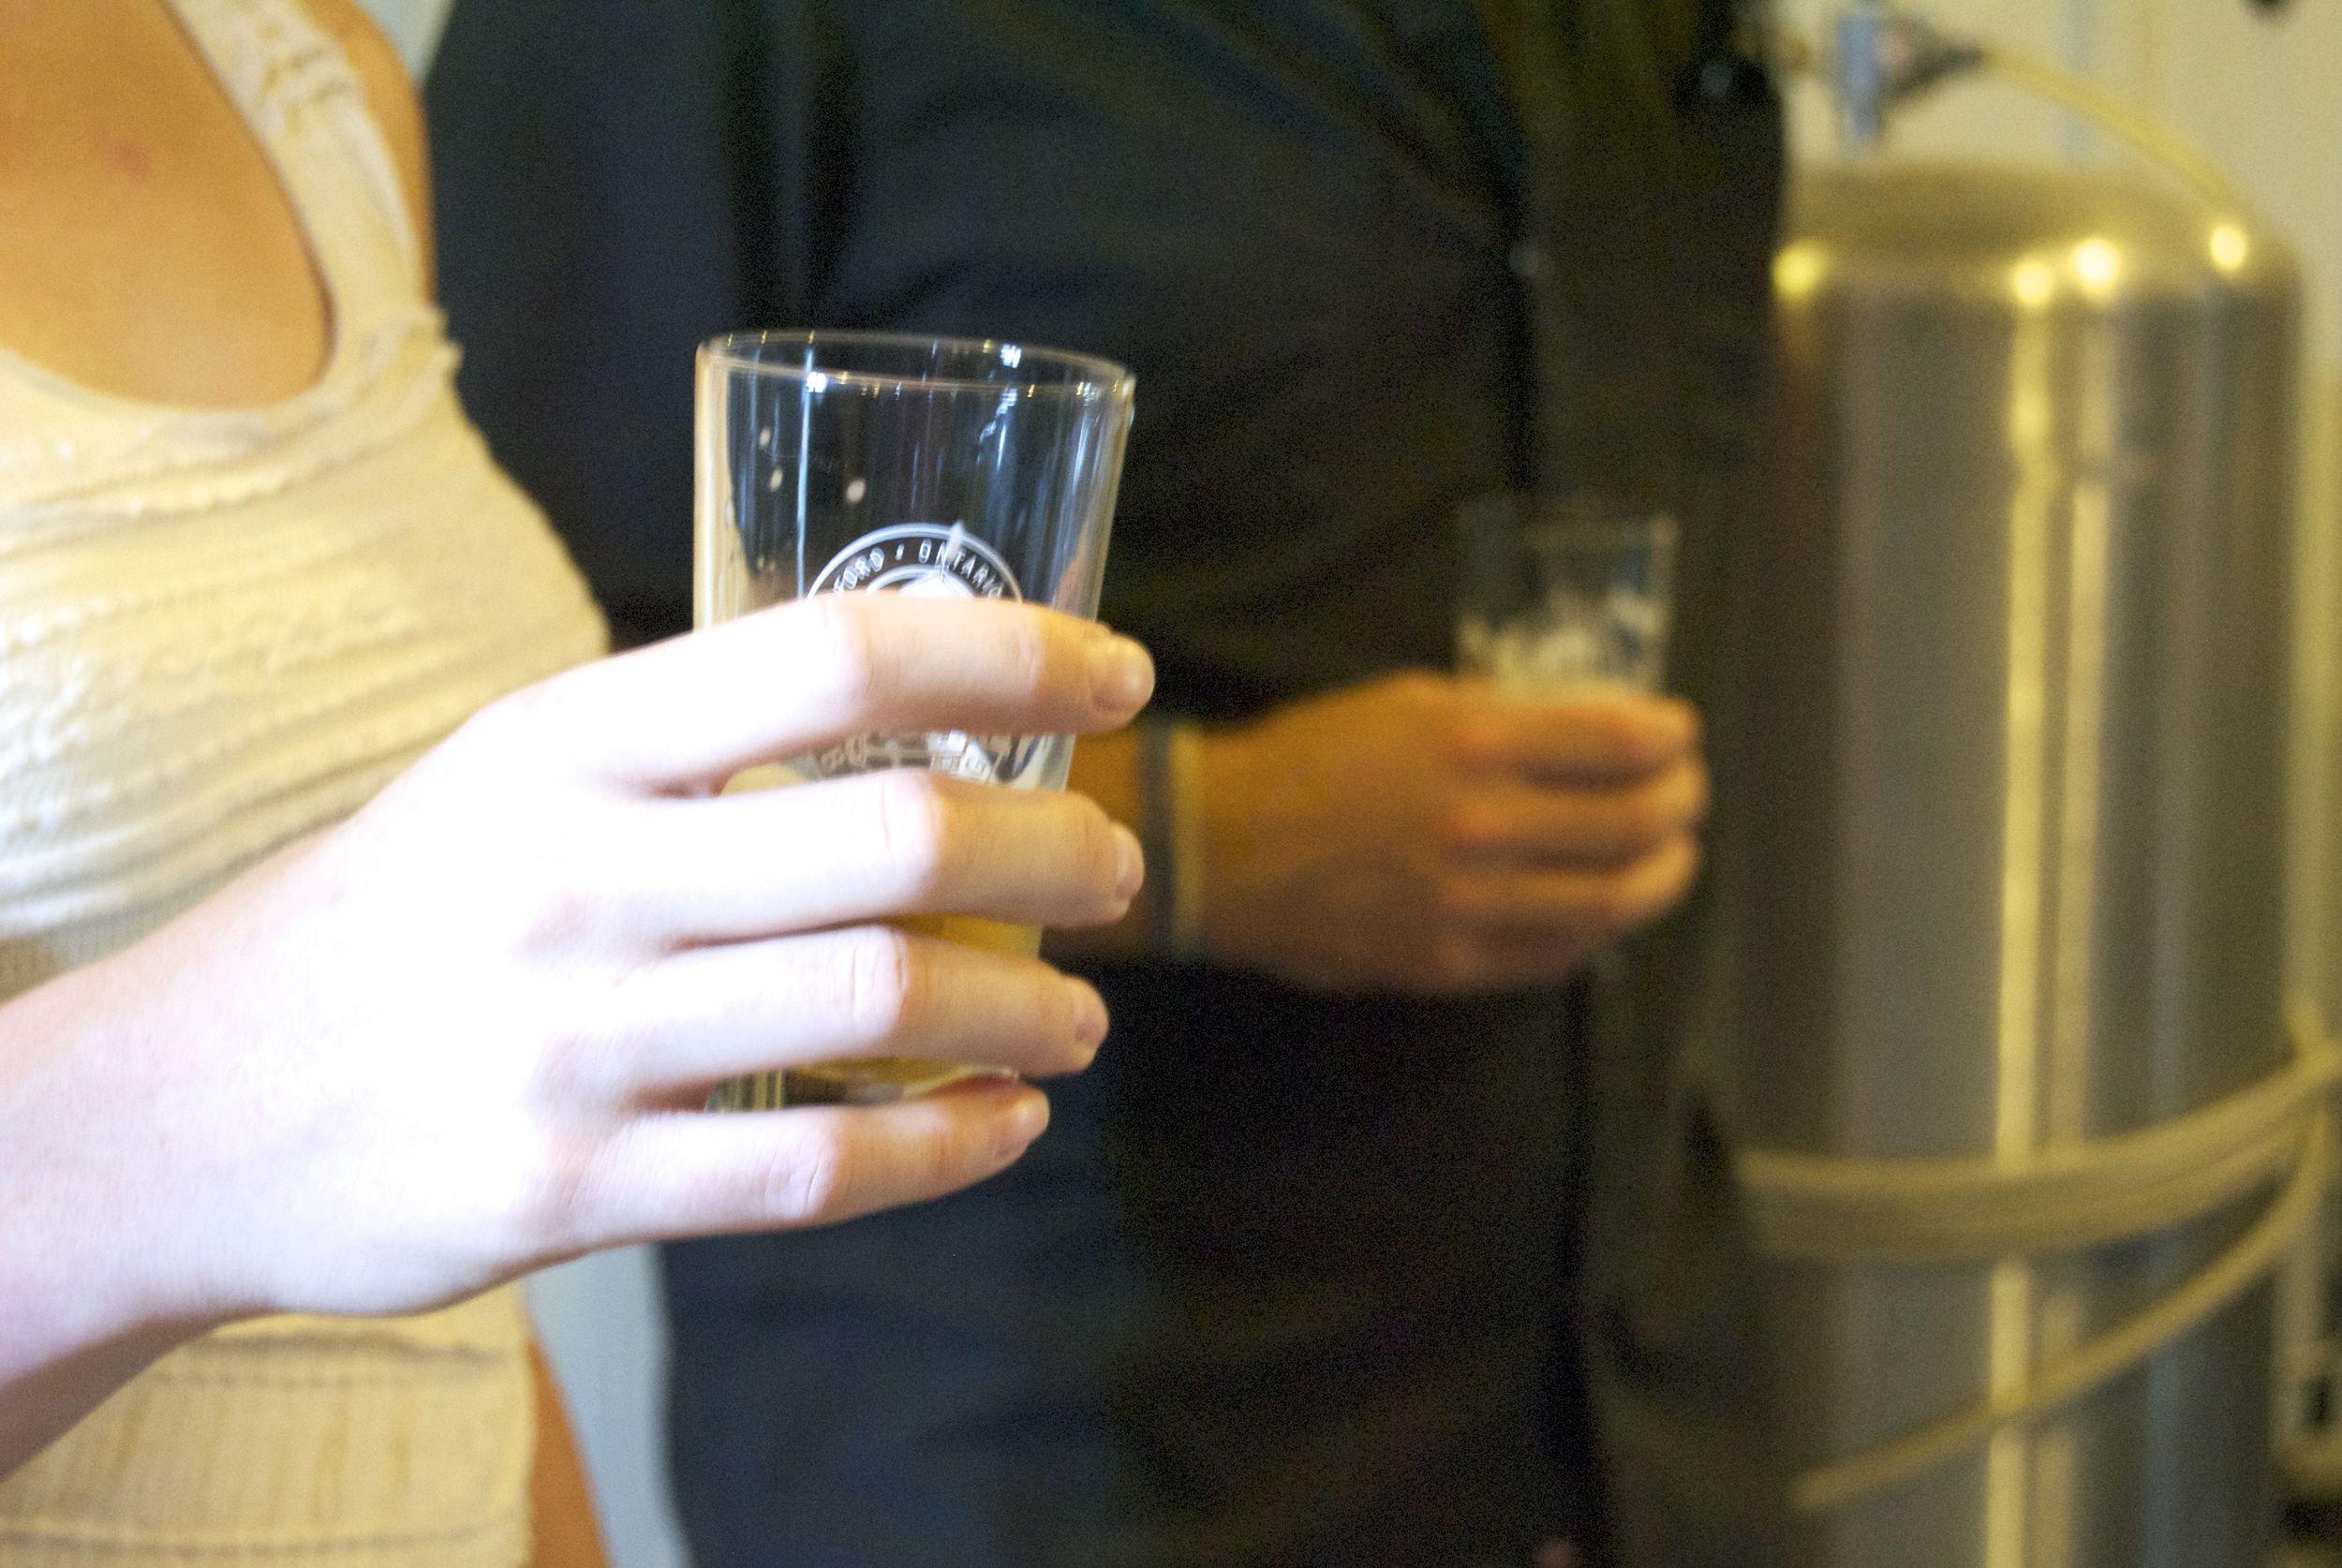 beer-at-church-key-brewery